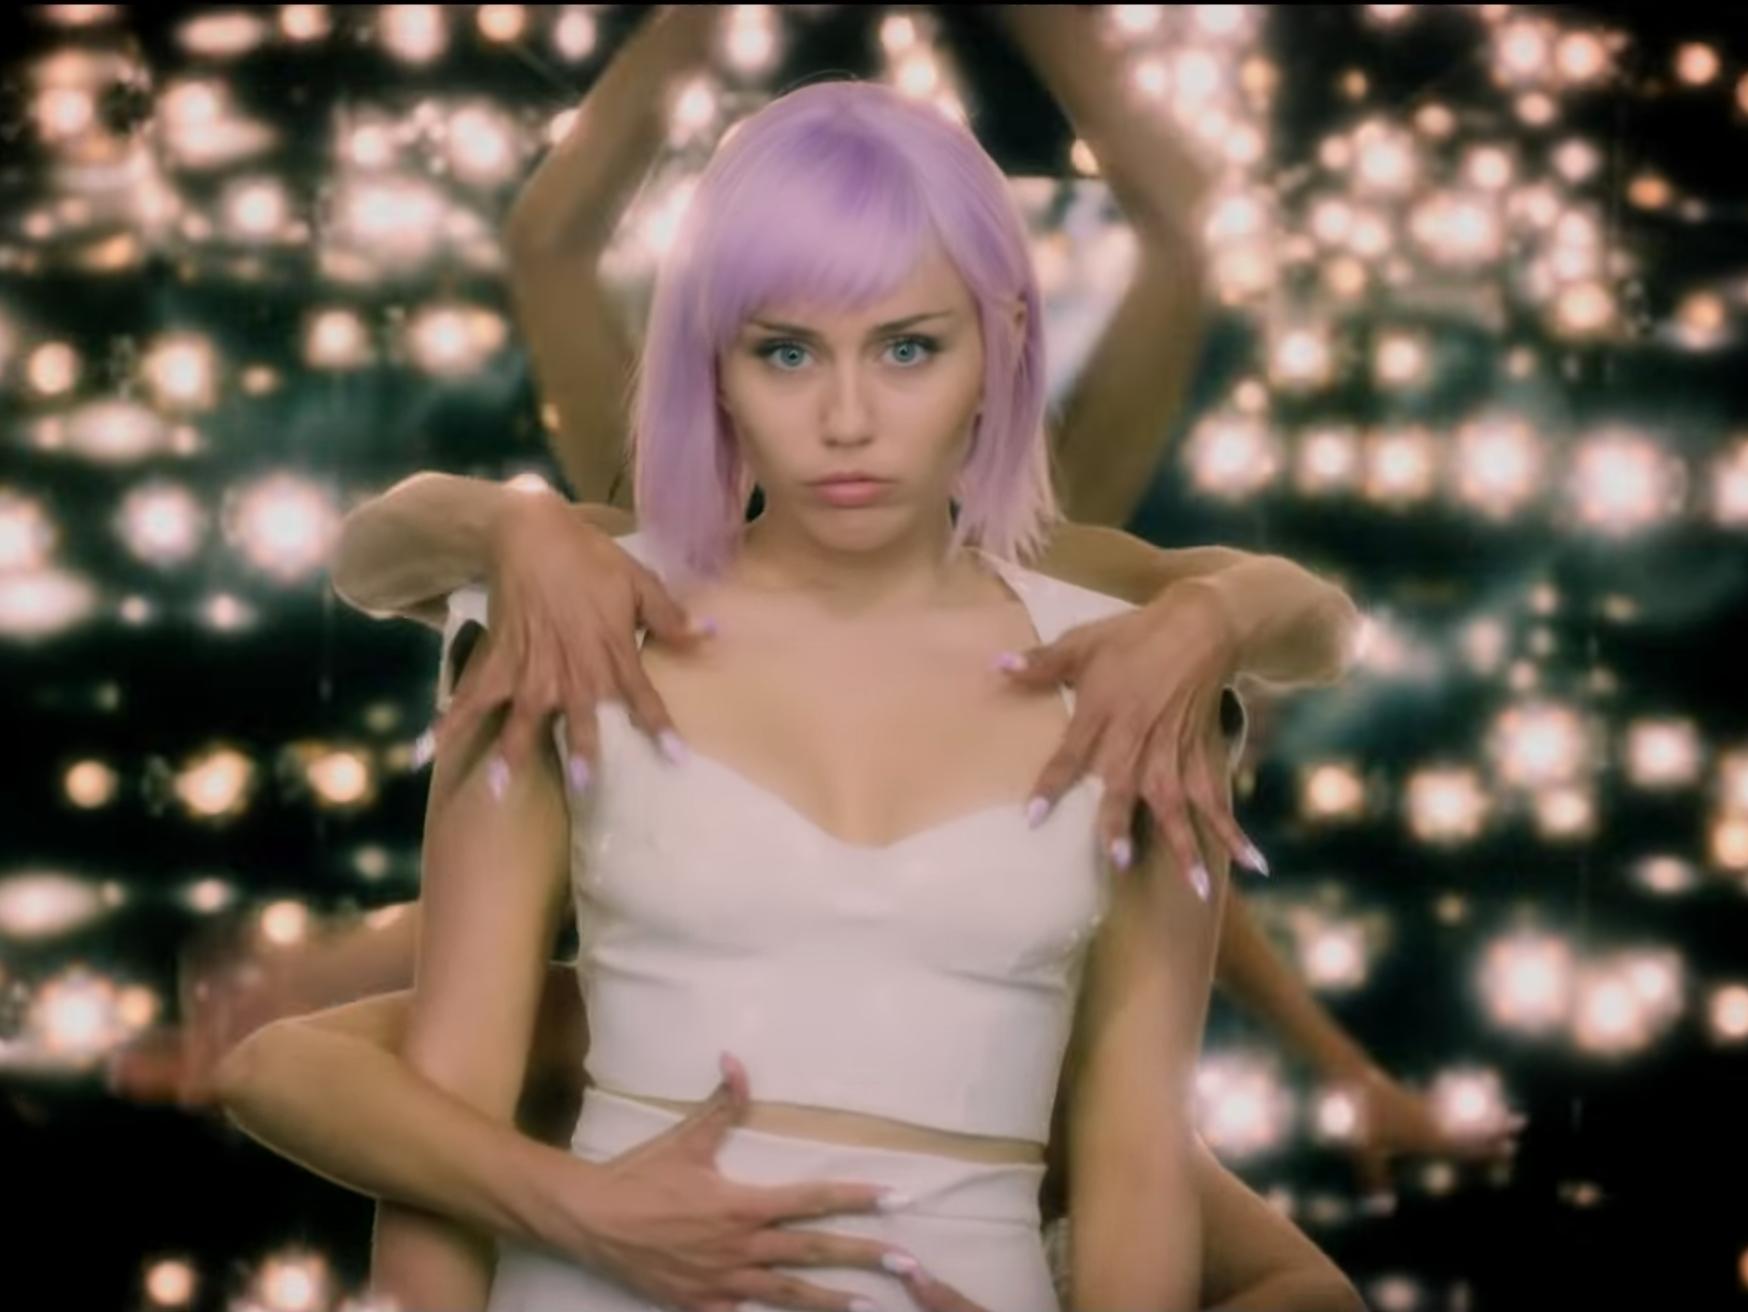 Black Mirror Season 5 Miley Cyrus